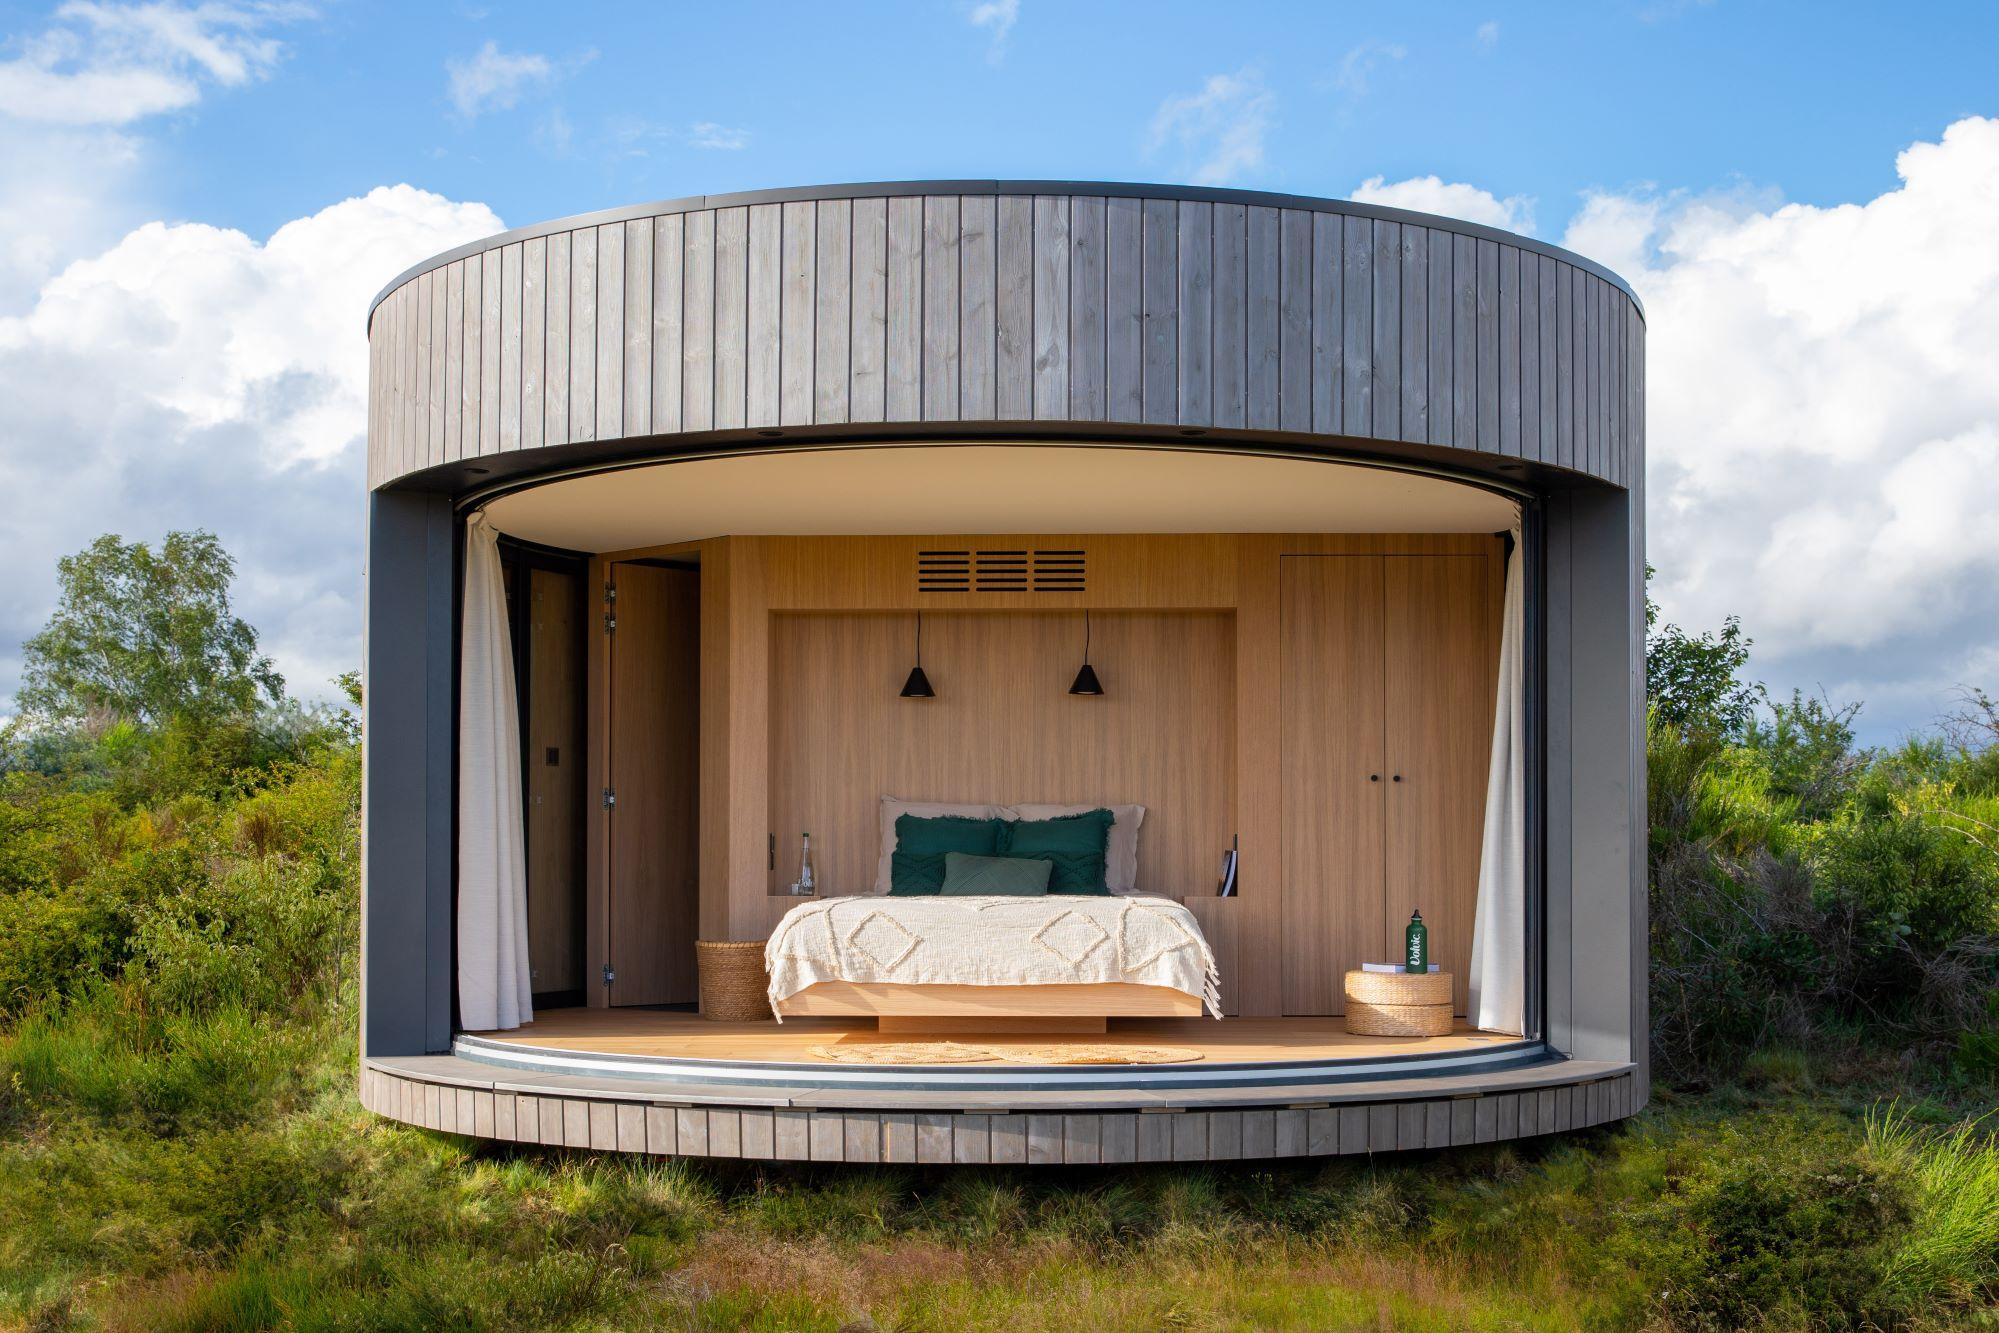 kilian jornet's airbnb chaine des puys